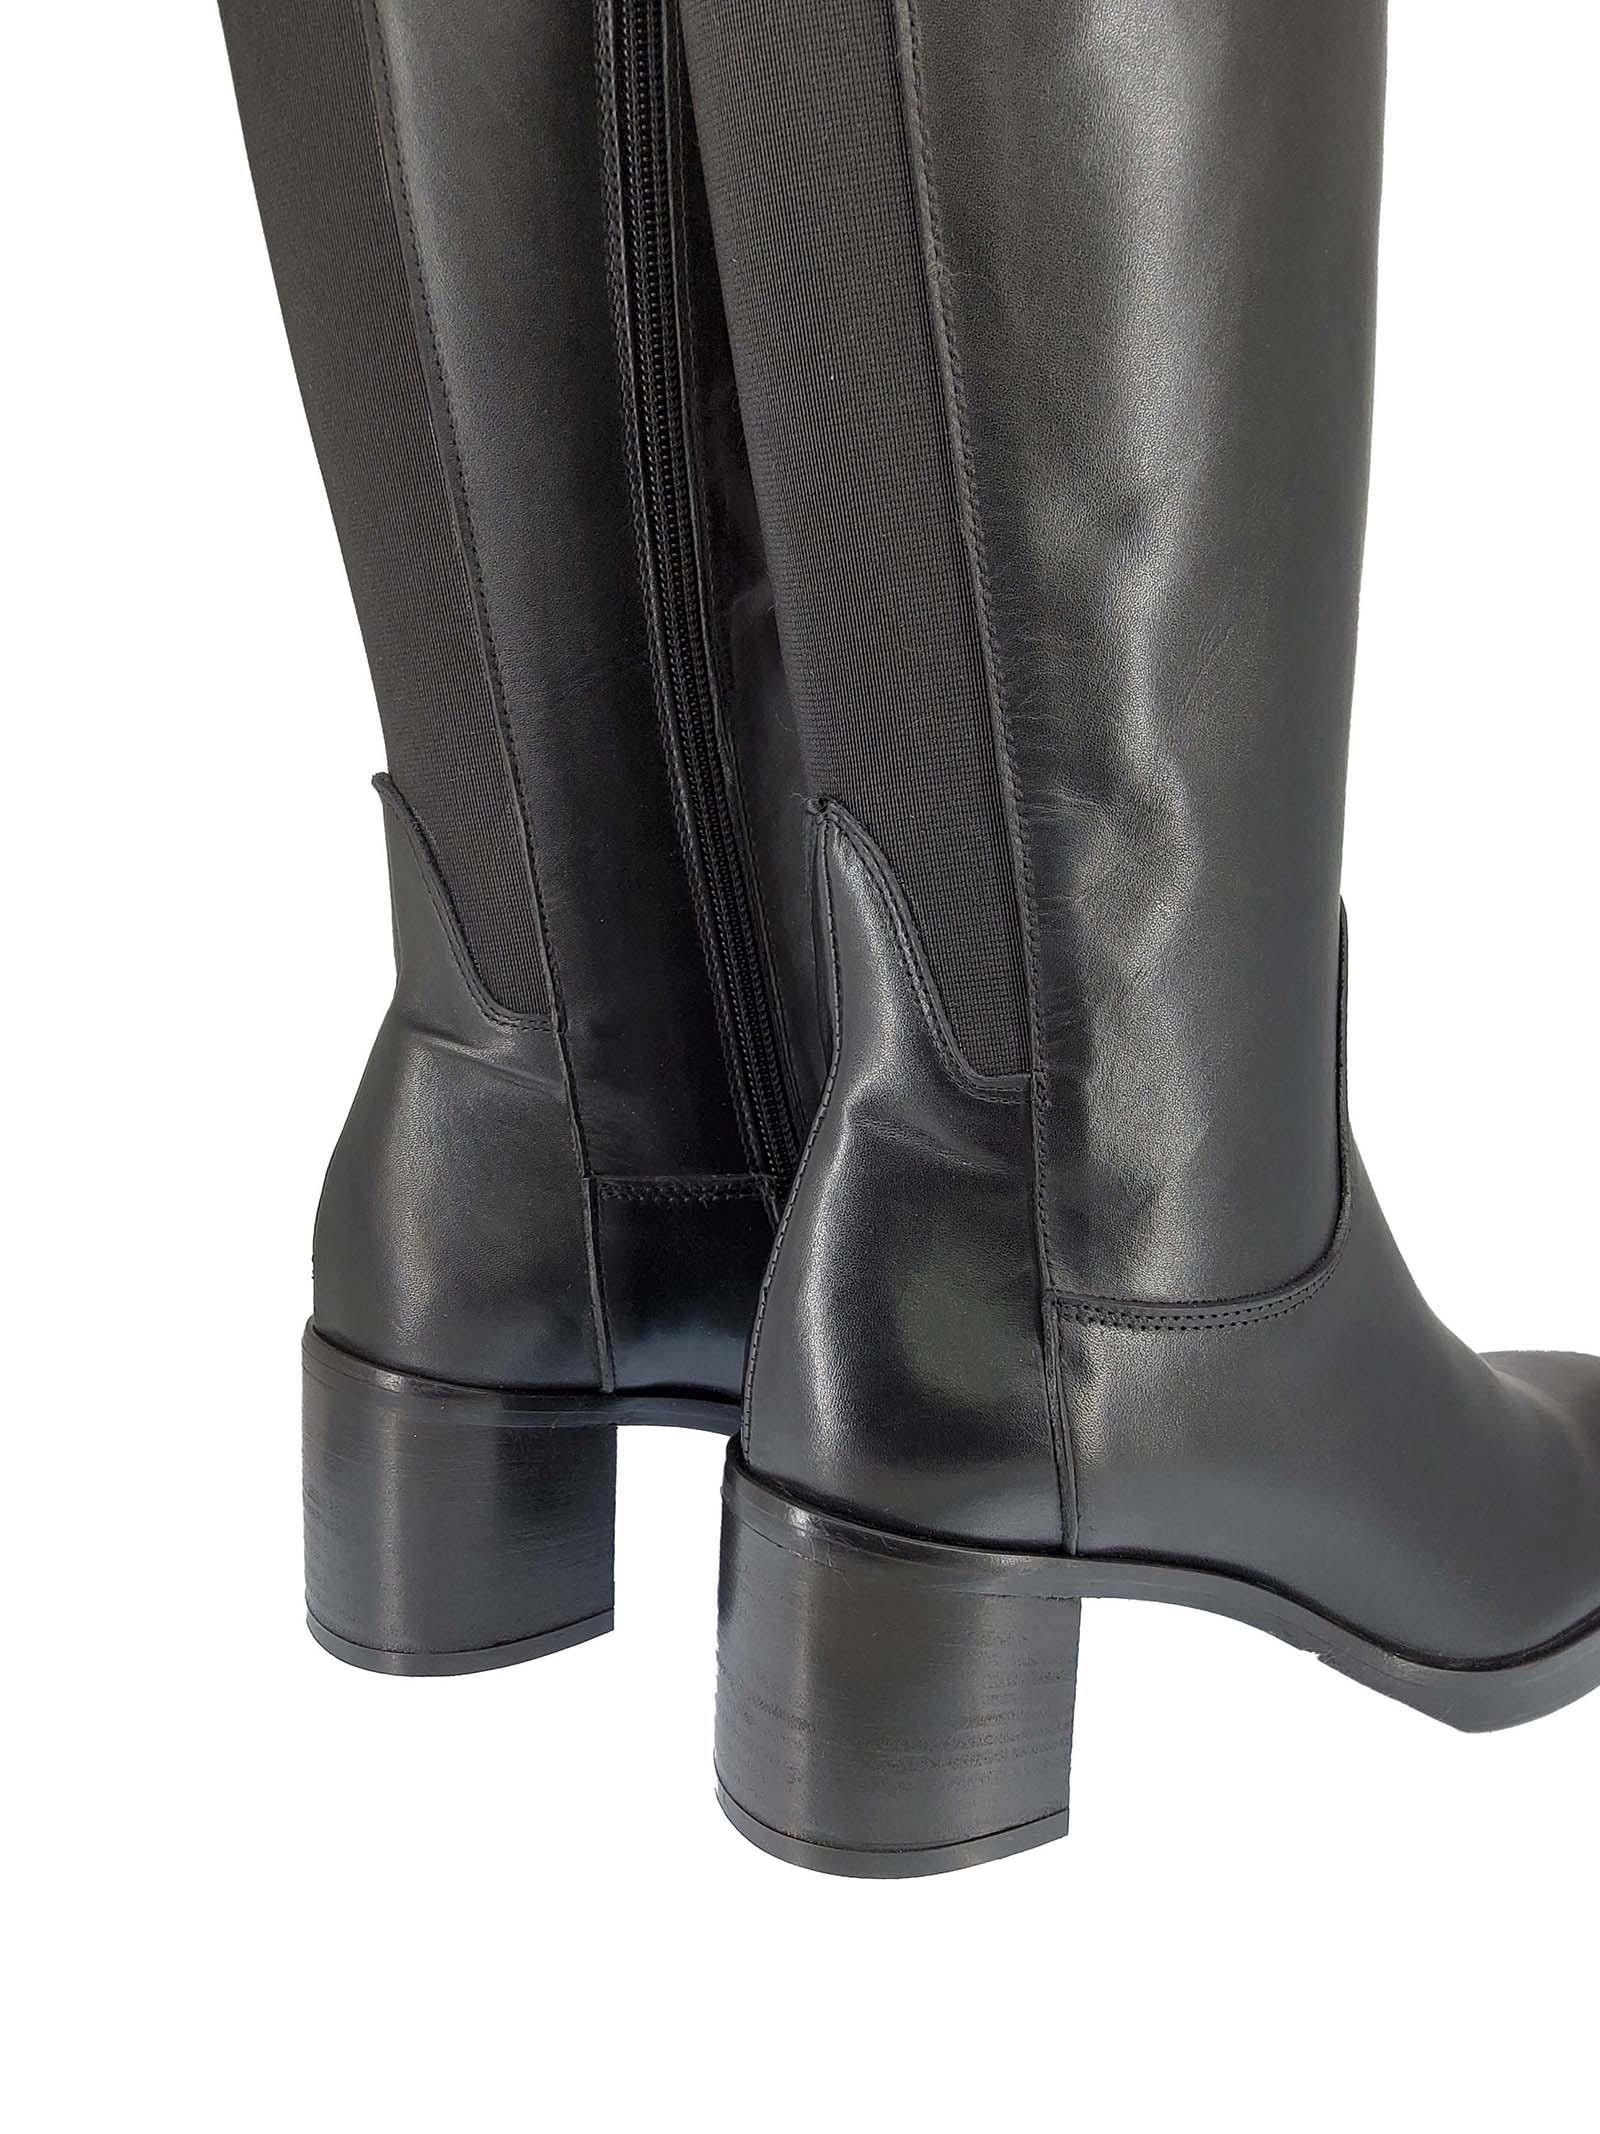 Calzature Donna Stivali in Pelle Nera con Elastico Posteriore Tacco Grosso e Suola in Gomma Spatarella | Stivali | ST30001